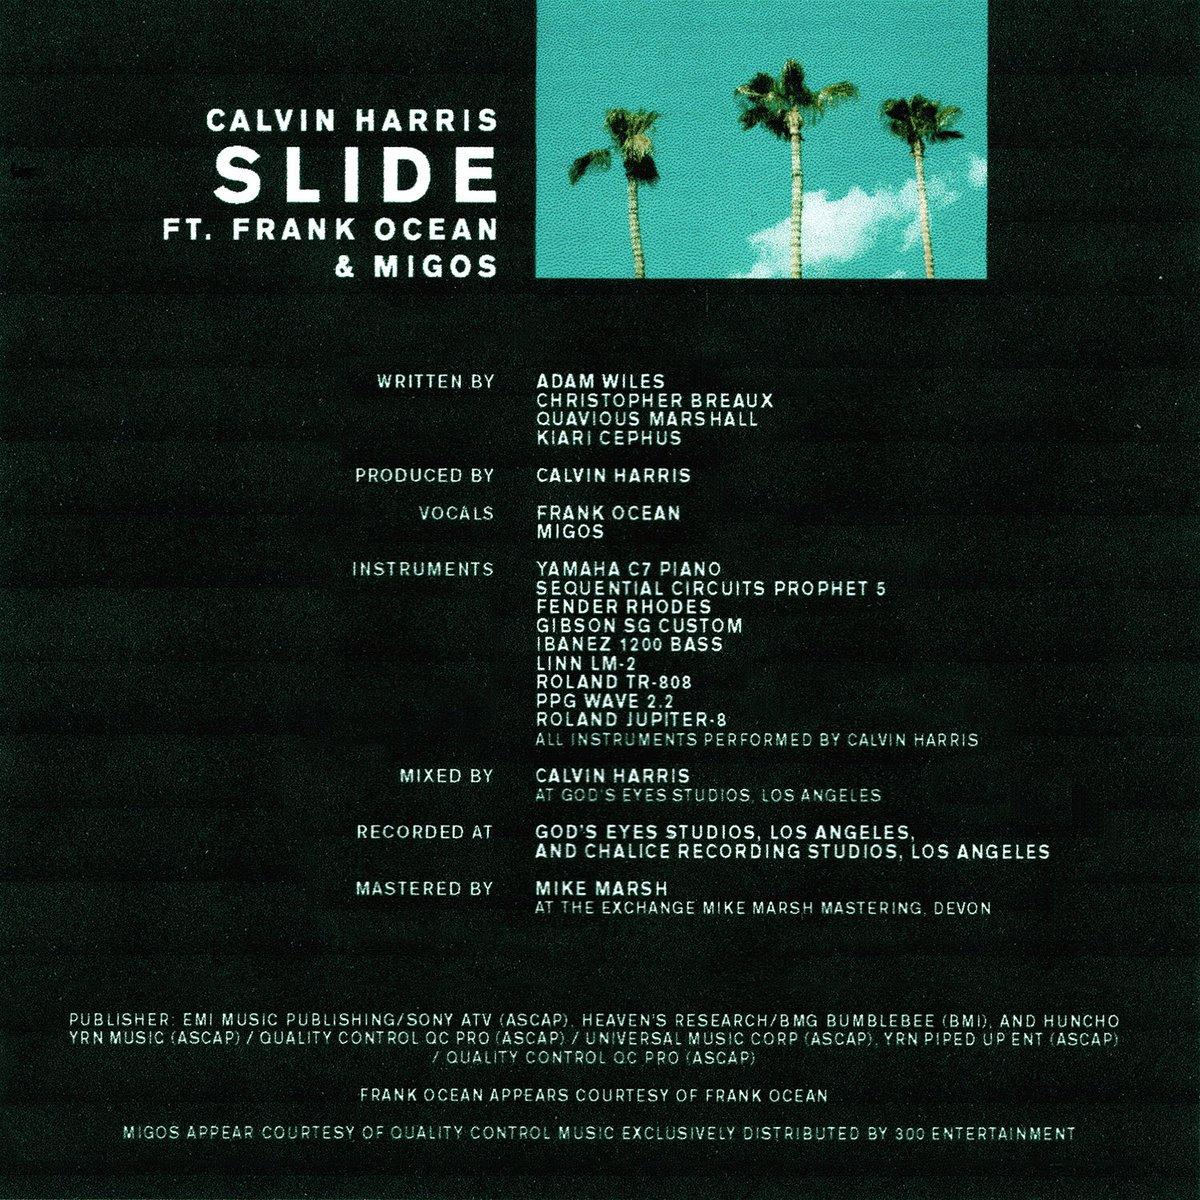 3LW / Tweet - The Album Sampler For DJ's